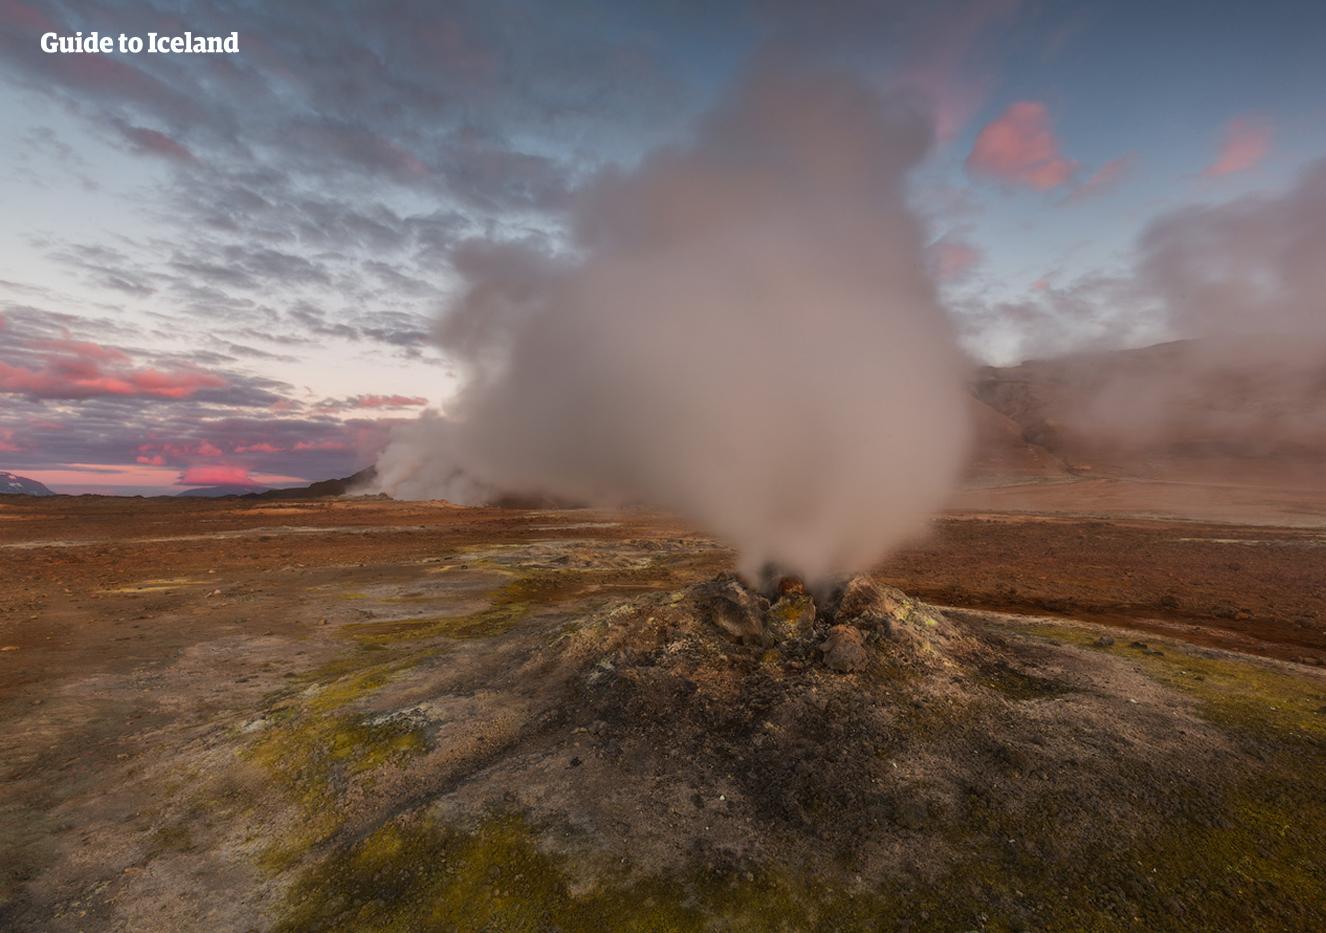 Vapor emanando del suelo en el área geotérmica de Namaskard cerca del lago Mývatn.